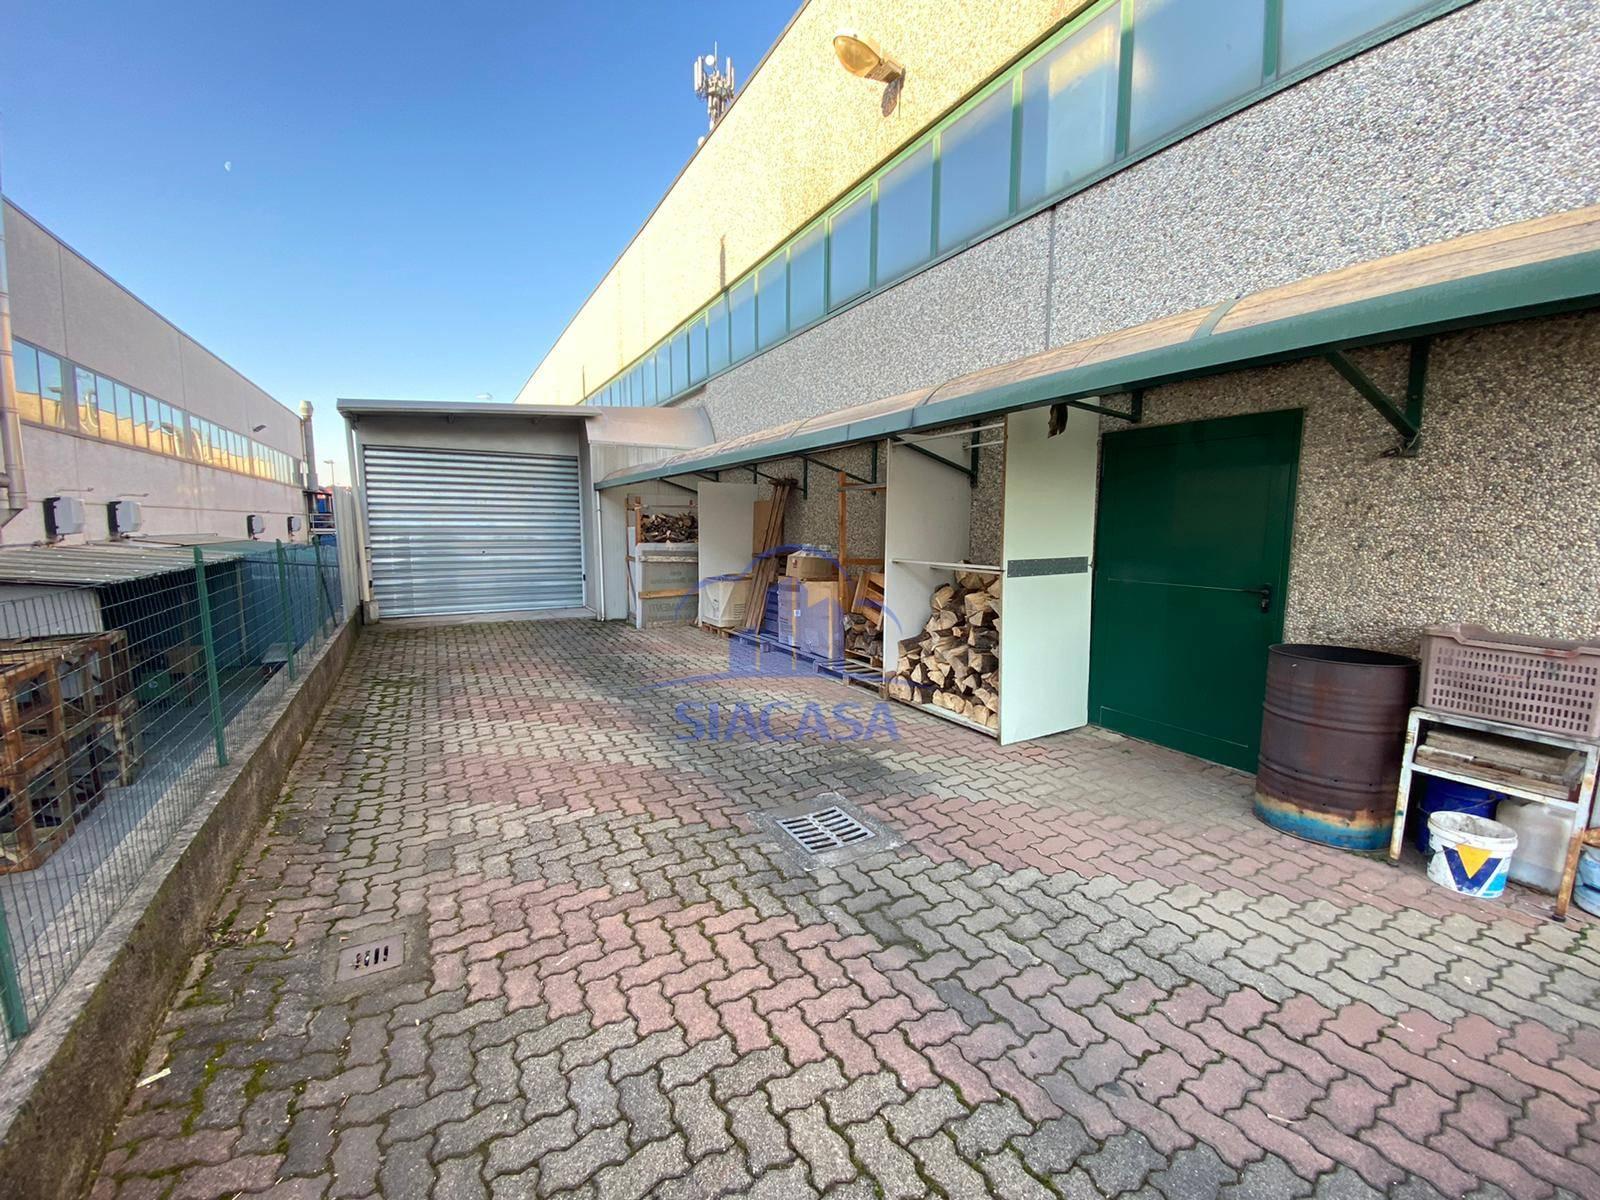 Capannone in vendita a Calusco d'Adda, 9999 locali, prezzo € 665.000 | PortaleAgenzieImmobiliari.it